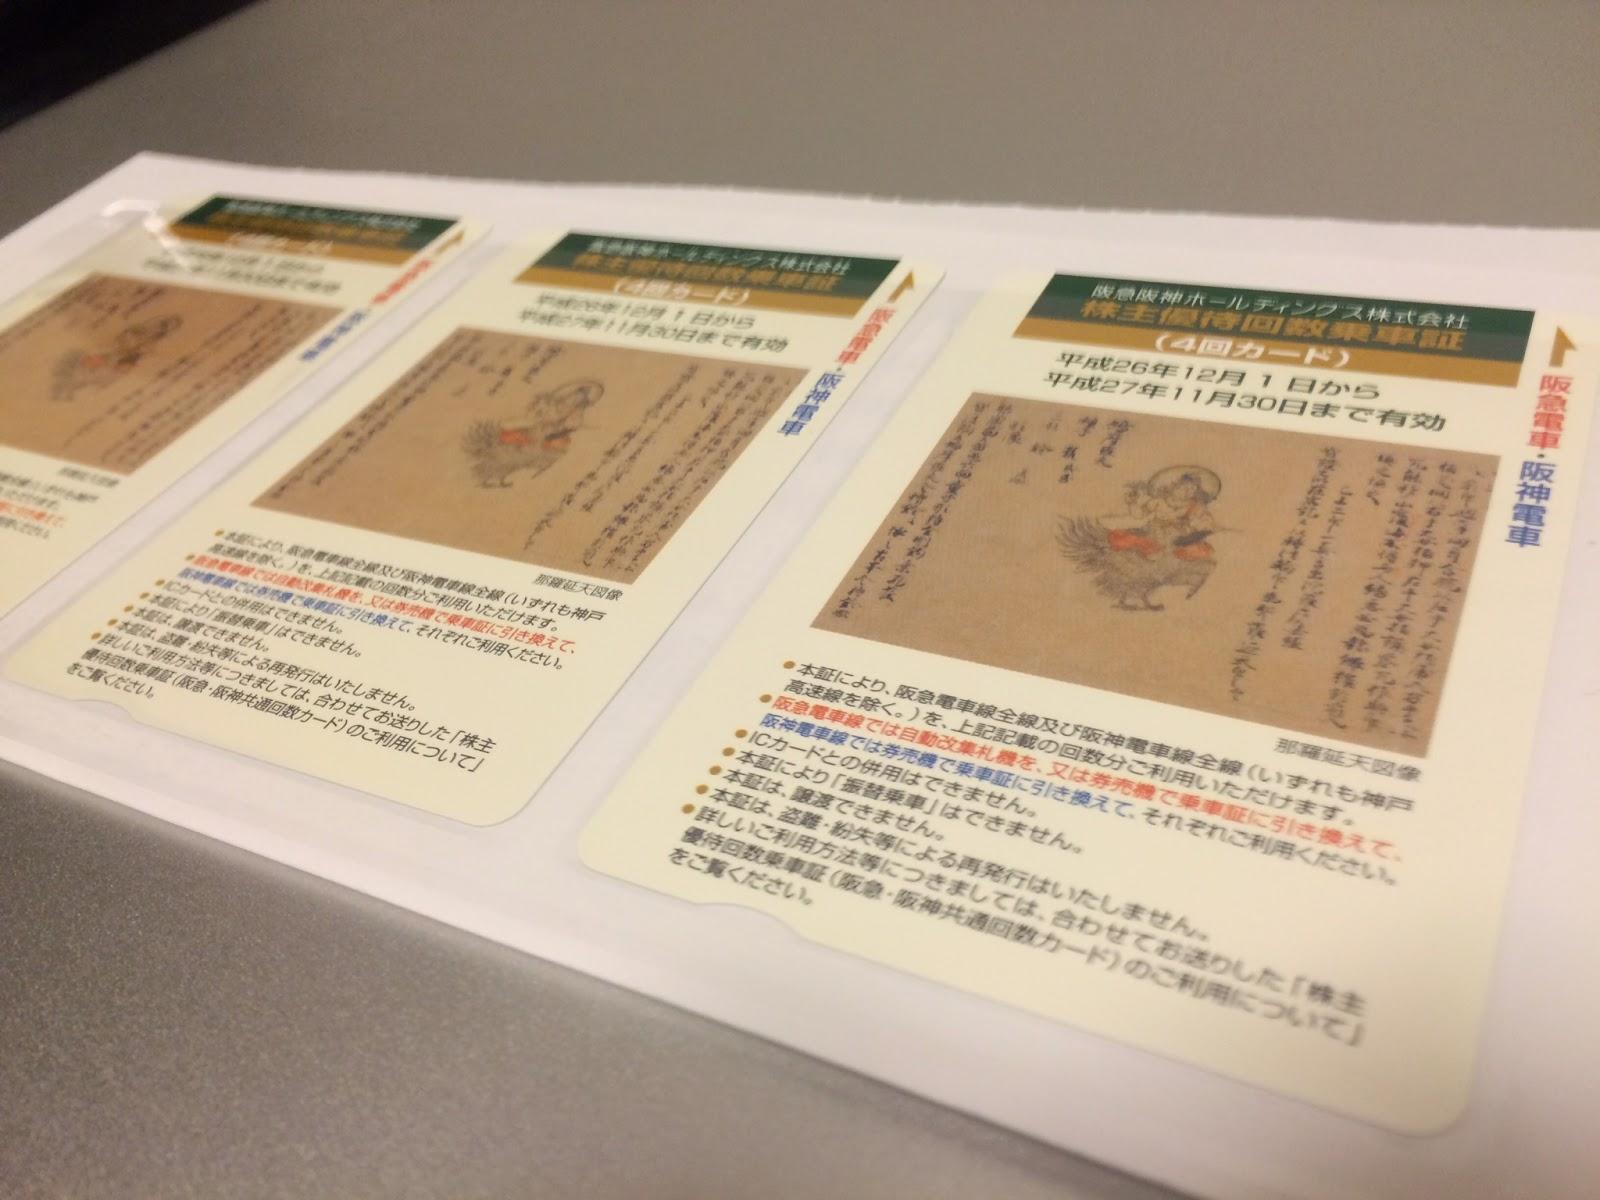 阪急阪神電車の株主乗車カード